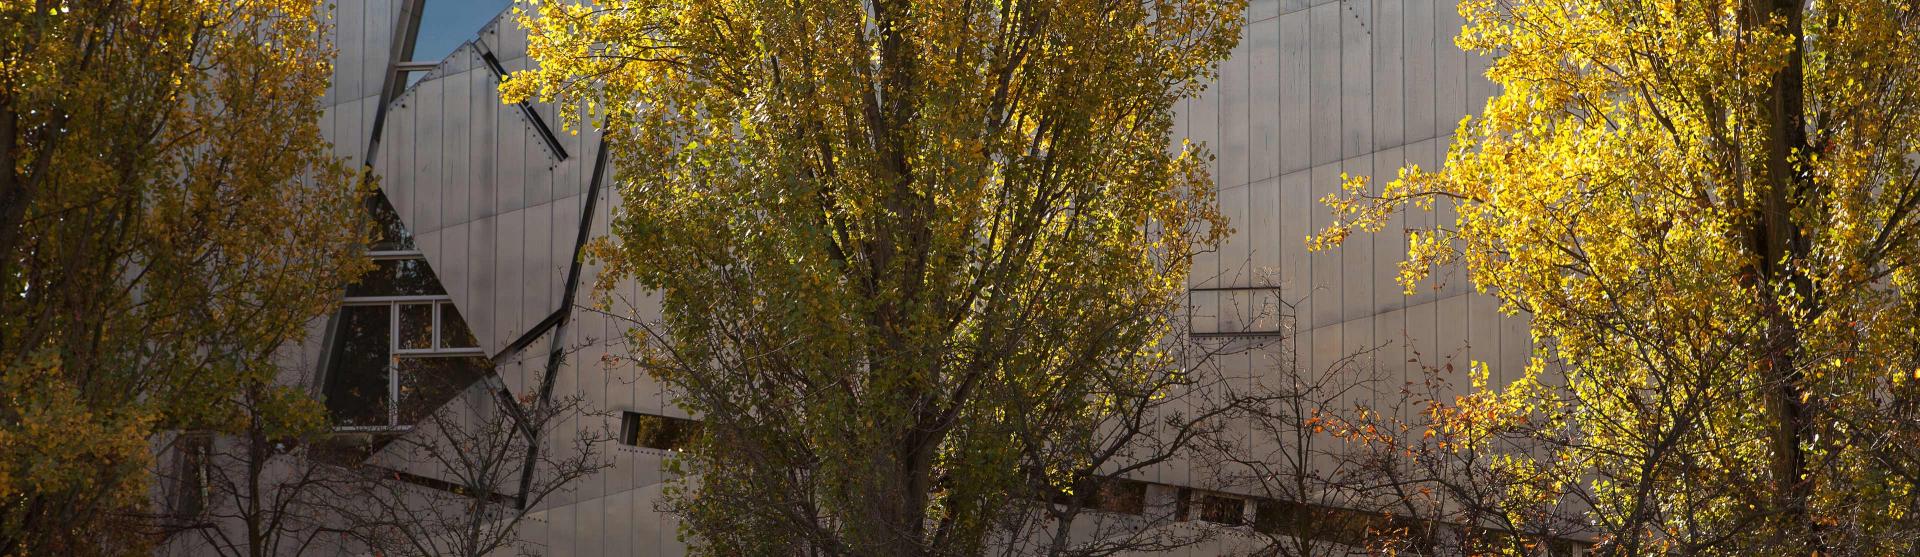 Bäume vor dem Libeskind-Bau